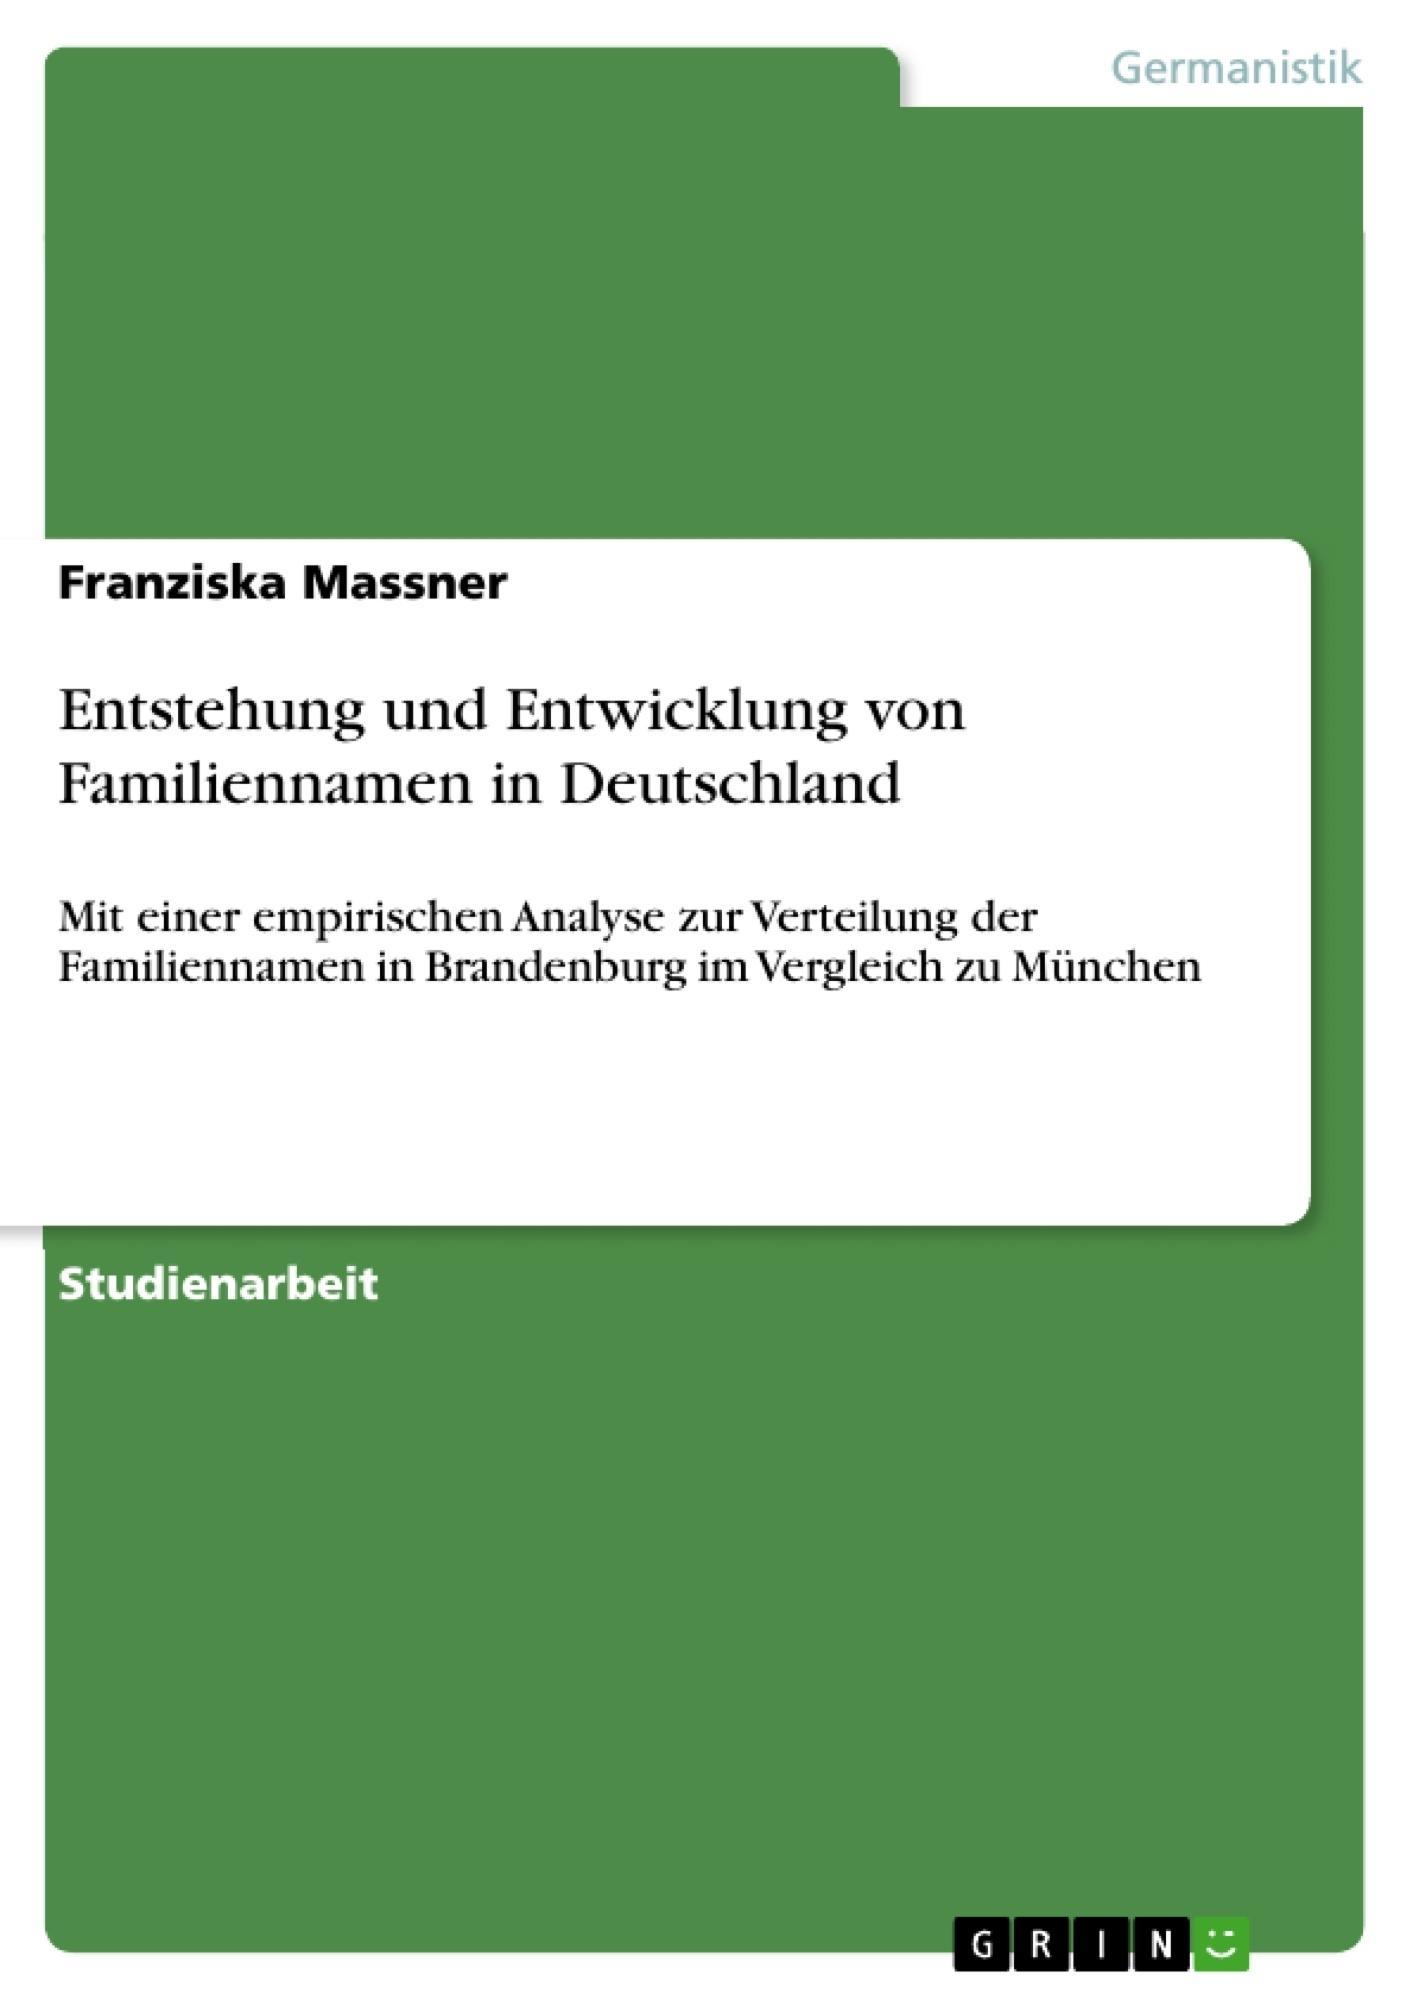 Titel: Entstehung und Entwicklung von Familiennamen in Deutschland